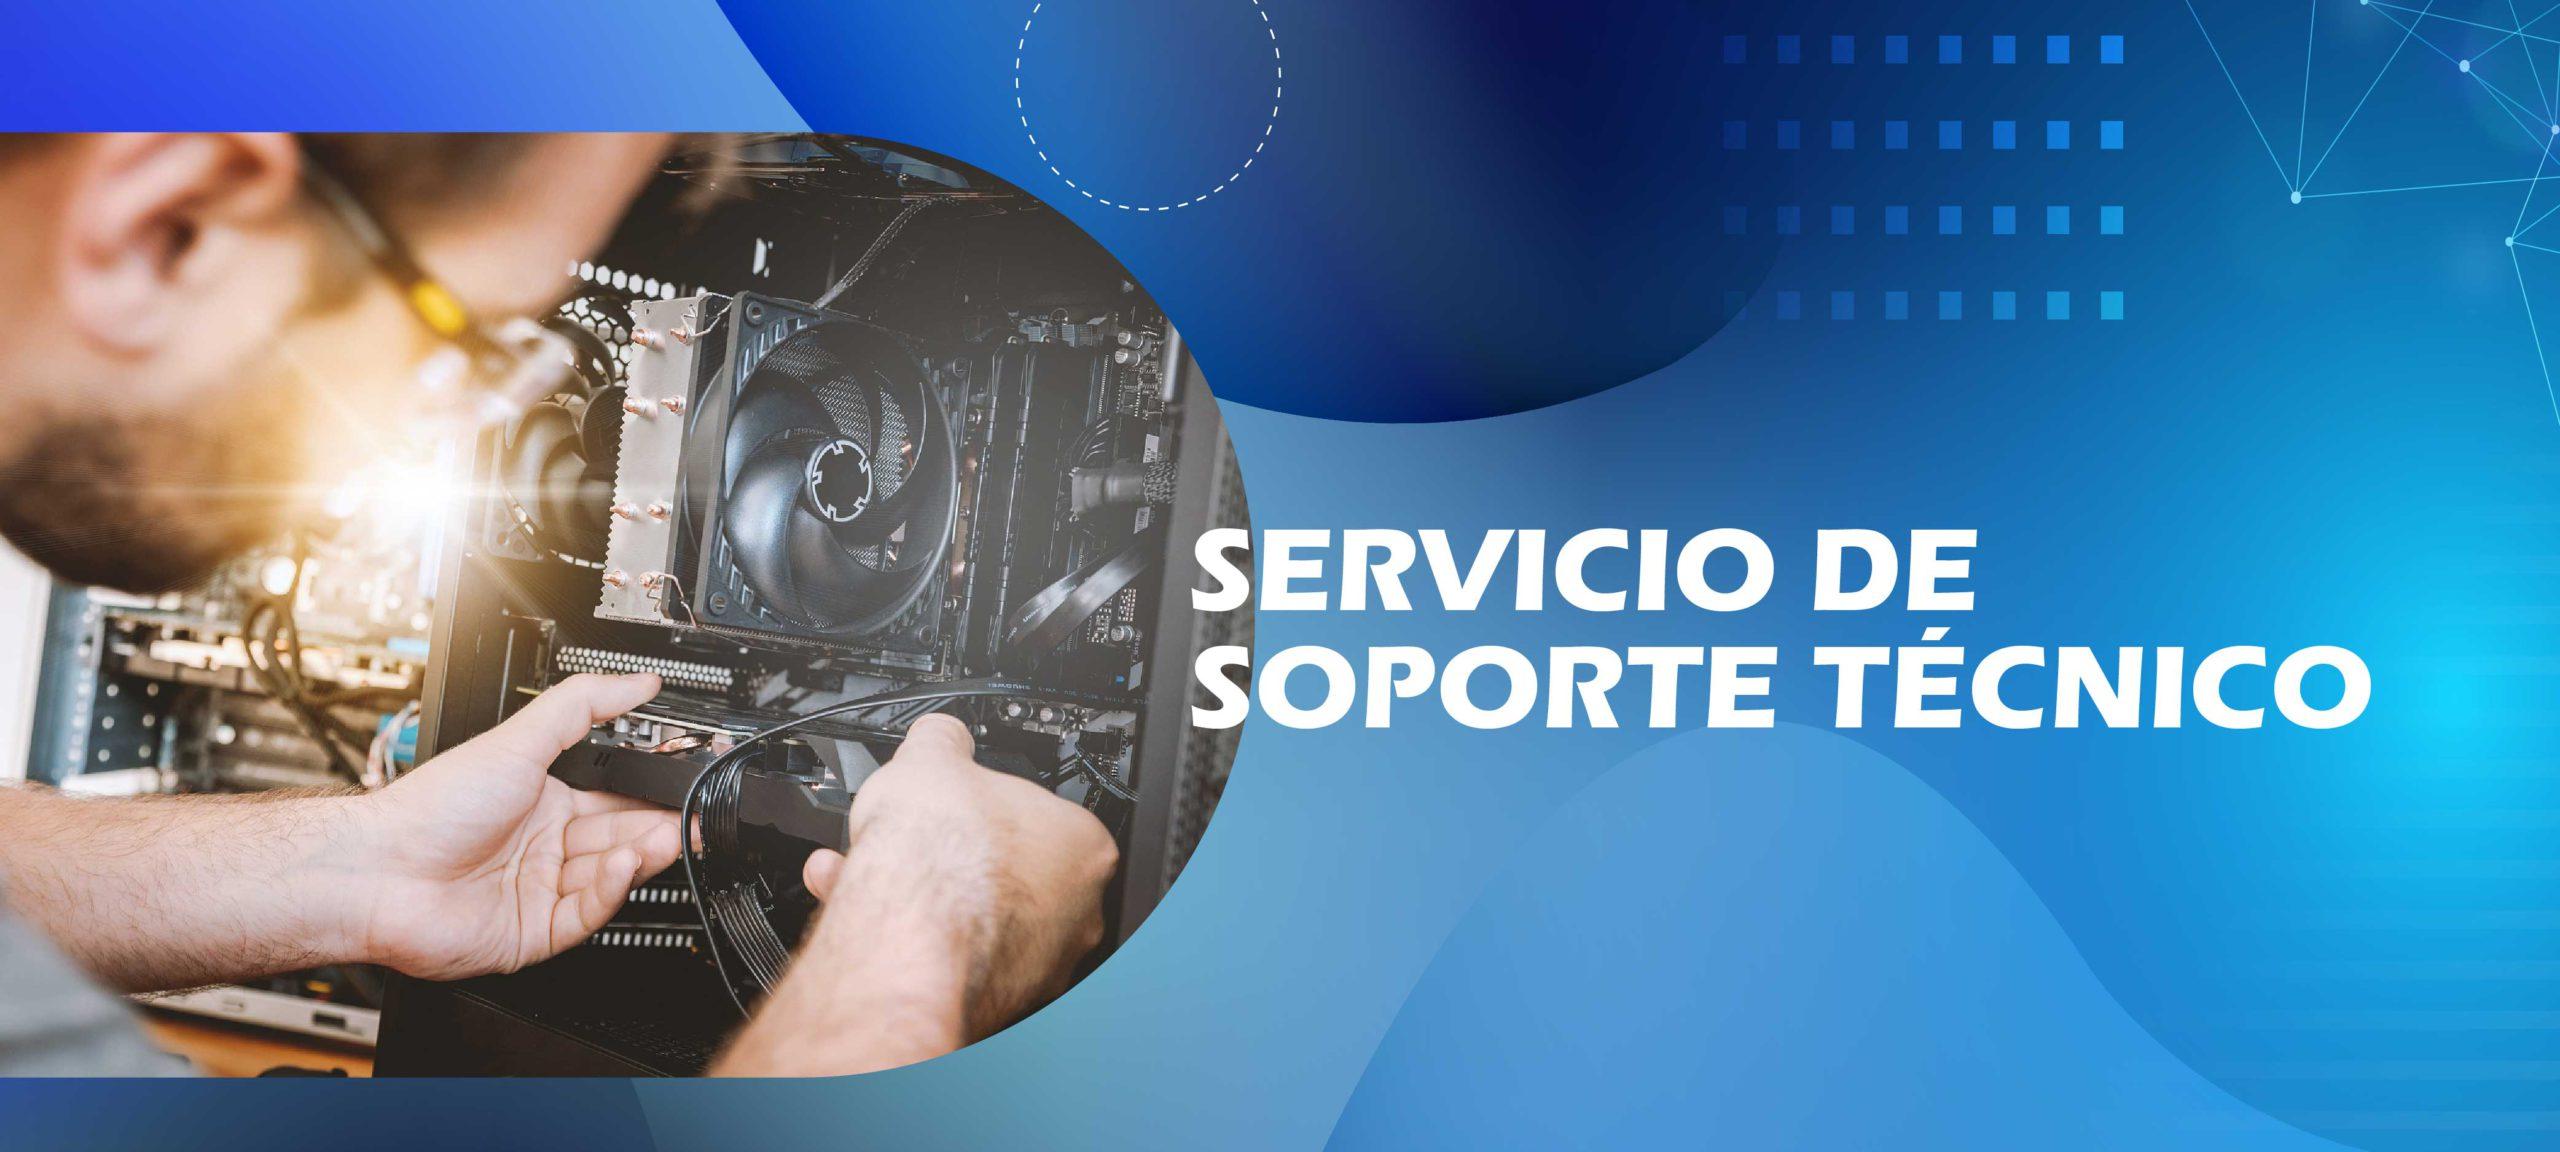 Servicio de soporte técnico